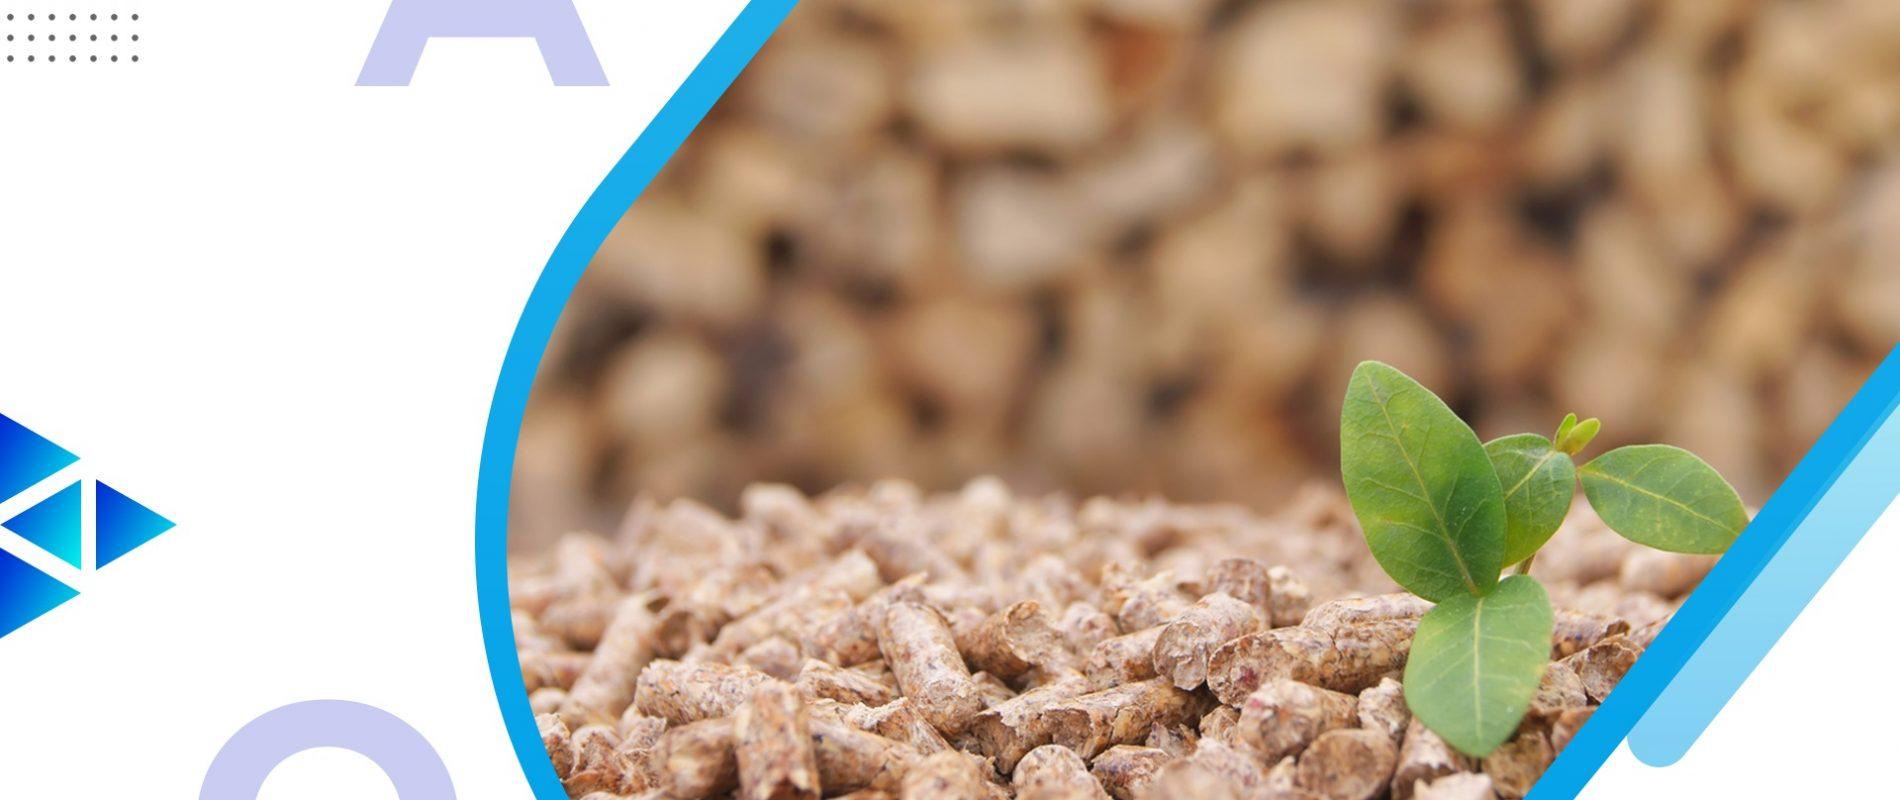 고무 나무 아카시아 유칼립투스 사펠 우드 조인트 단단한 나무 나무 보드 나무 판자 목재 패널 우드 슬래브 재목 재목 목재 산업 국제 목재 제품 공급 업체 FSC 인증 수입 수출